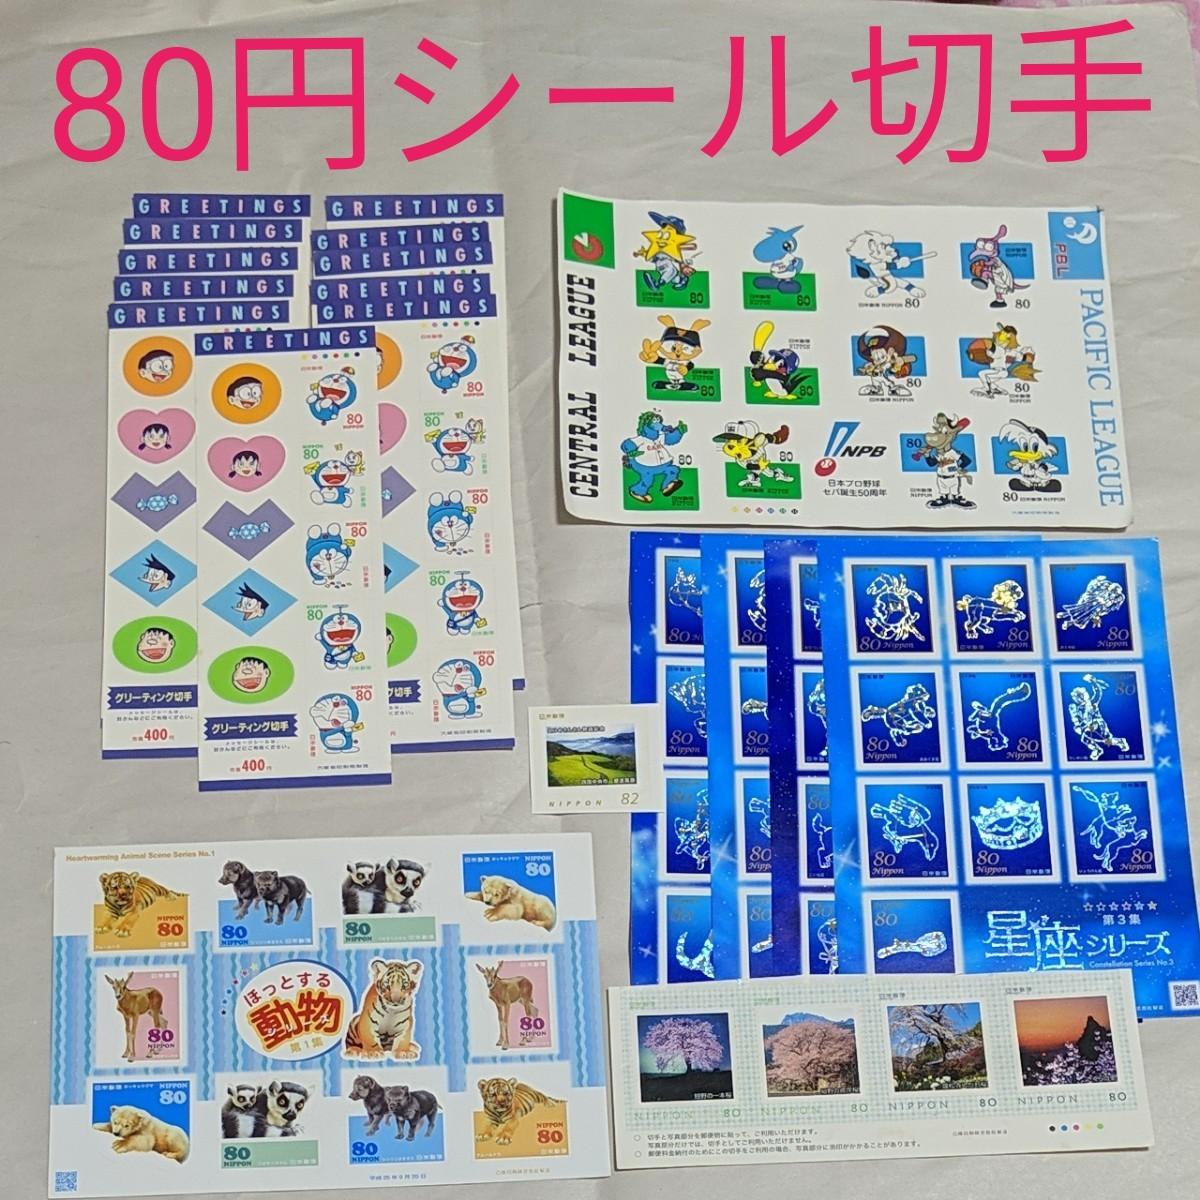 未使用 切手  額面8962円分 記念切手 80円切手 82円切手 シート シール切手 シール キャラクター かわいい ドラえもん